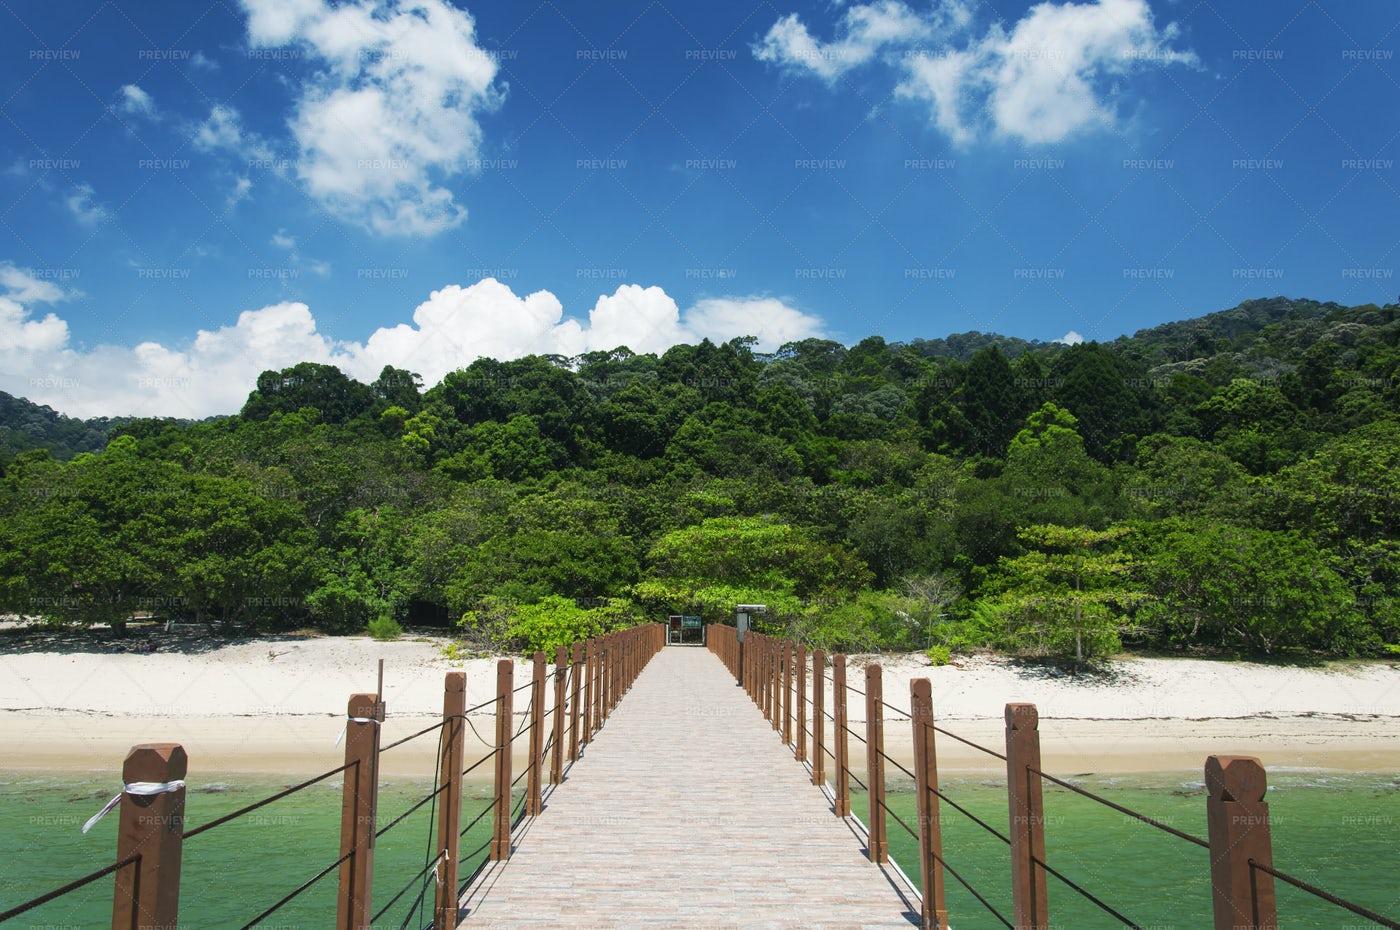 Kerachut Beach Pier Penang Malaysia: Stock Photos